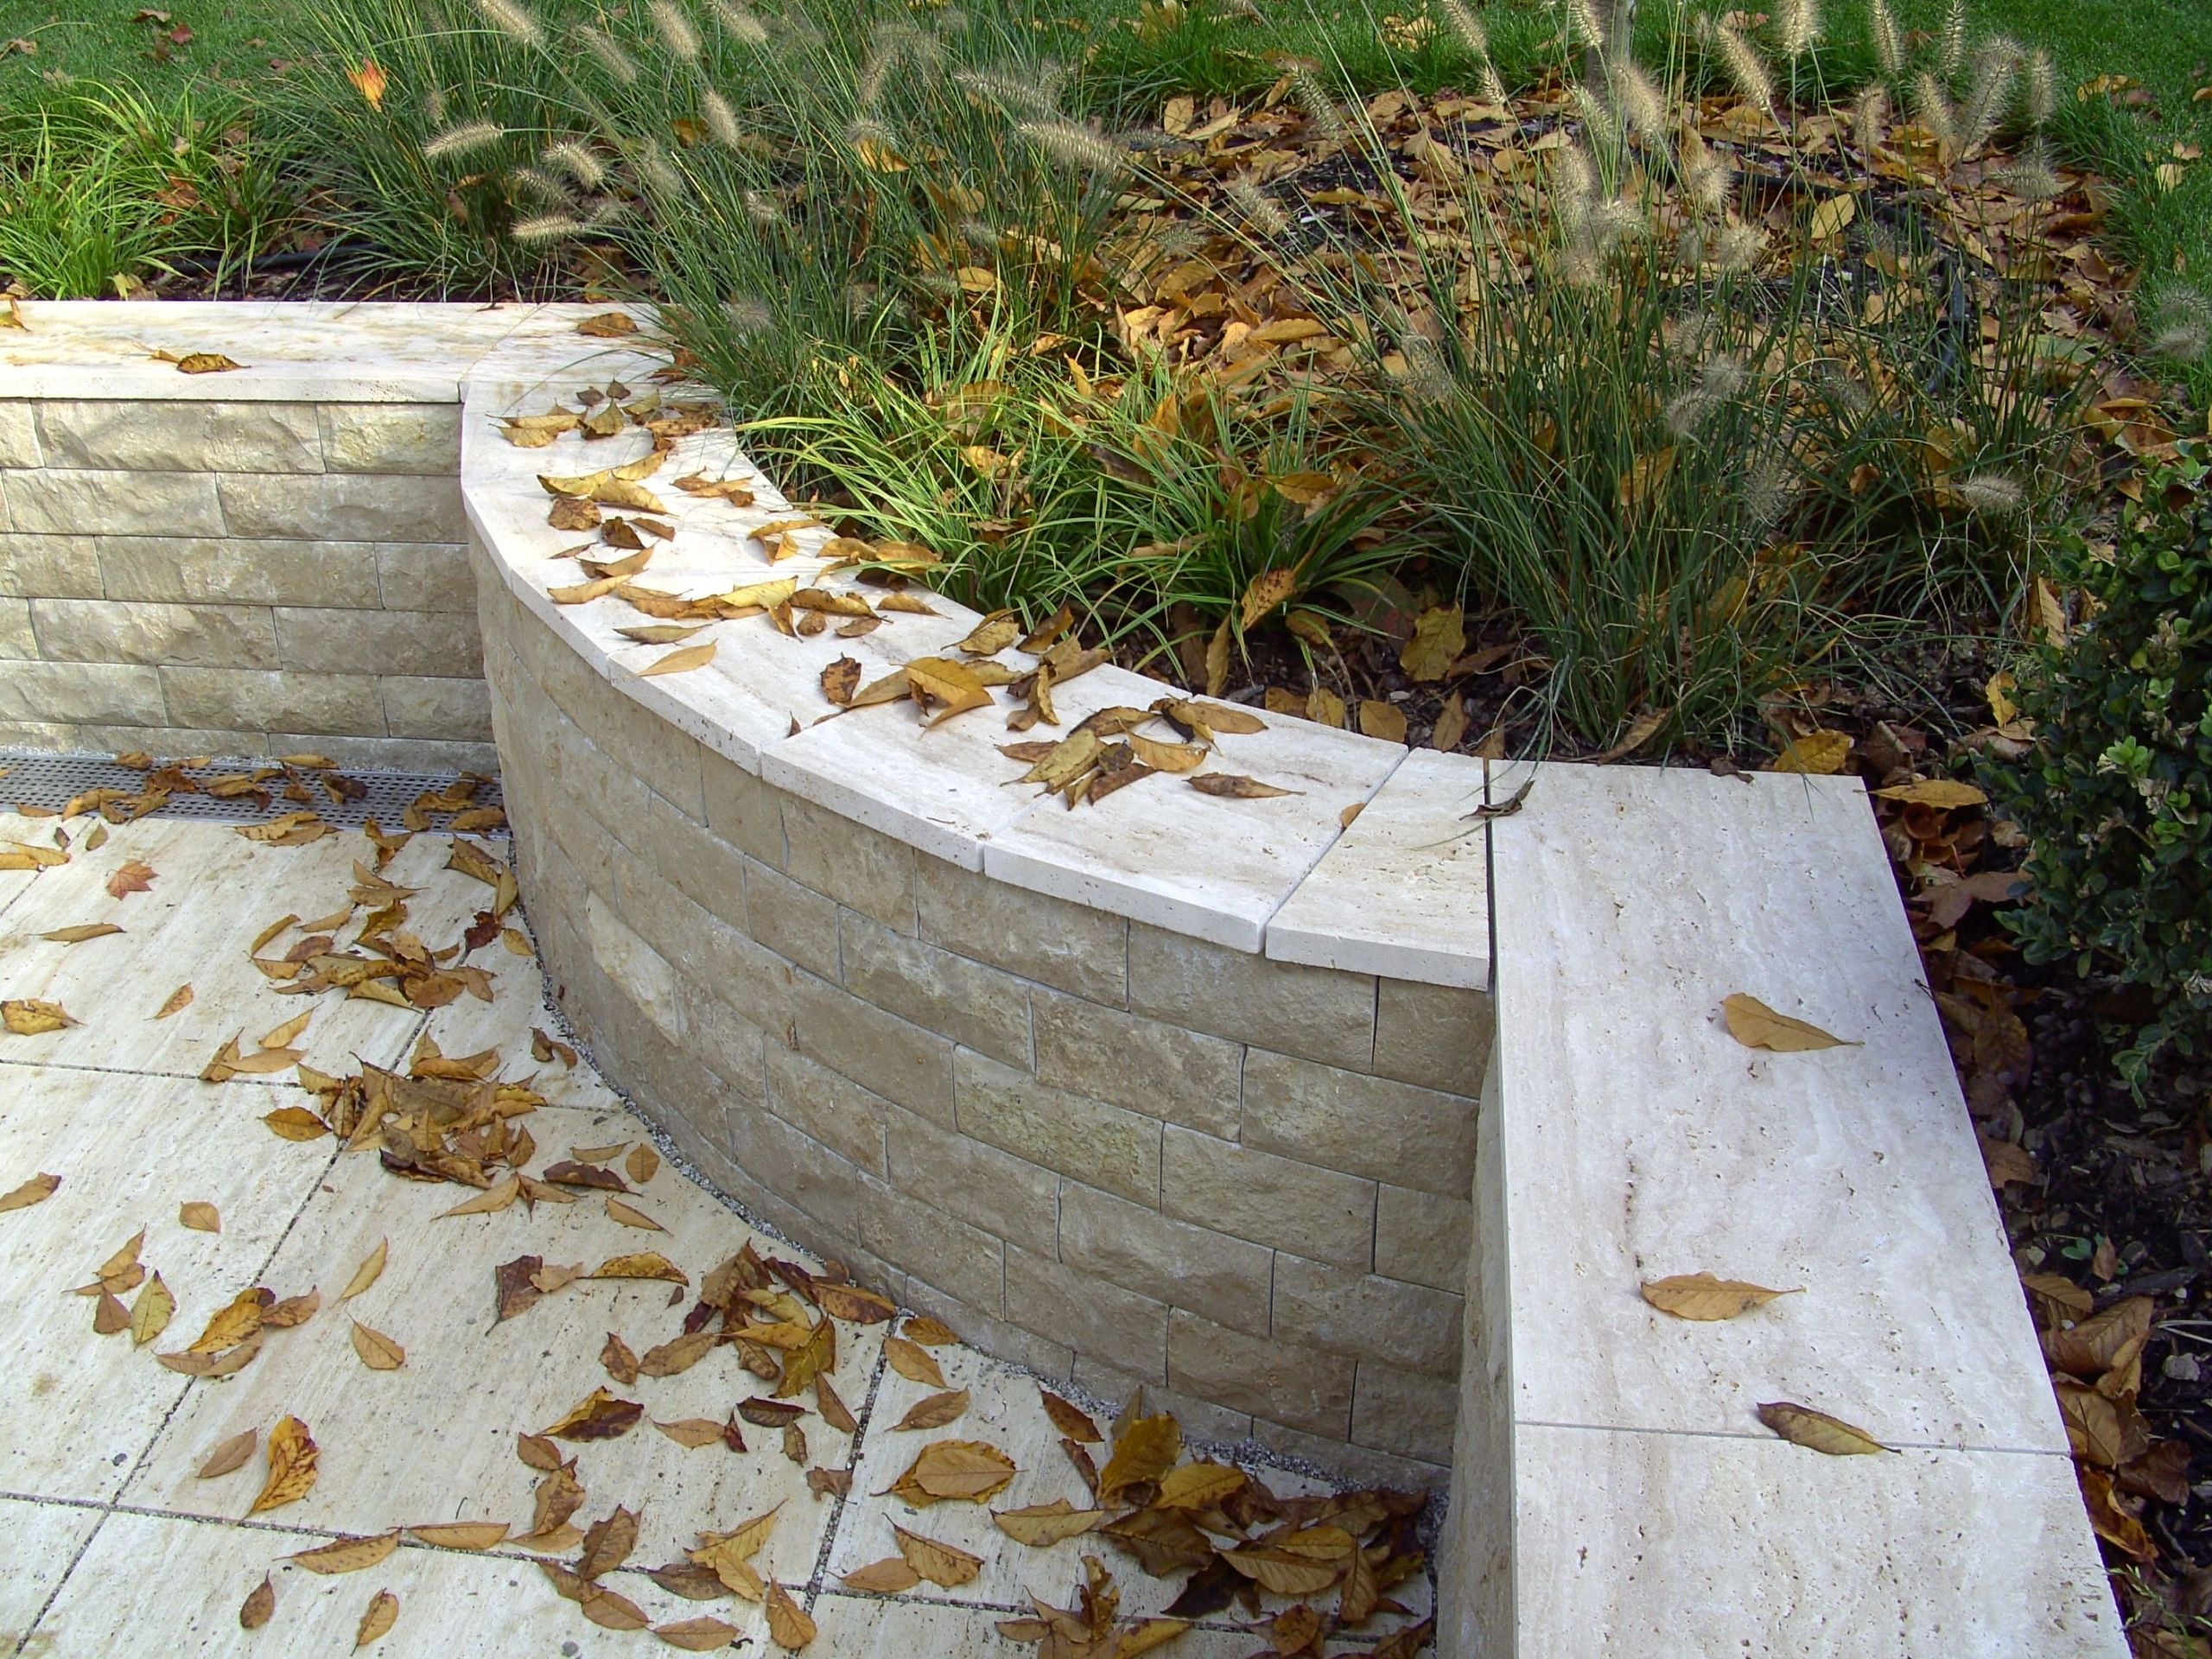 Garten Und Landschaftspflege Neu Die Fertigstellte Arbeit In Dem Garten Einer Unserer Kunden